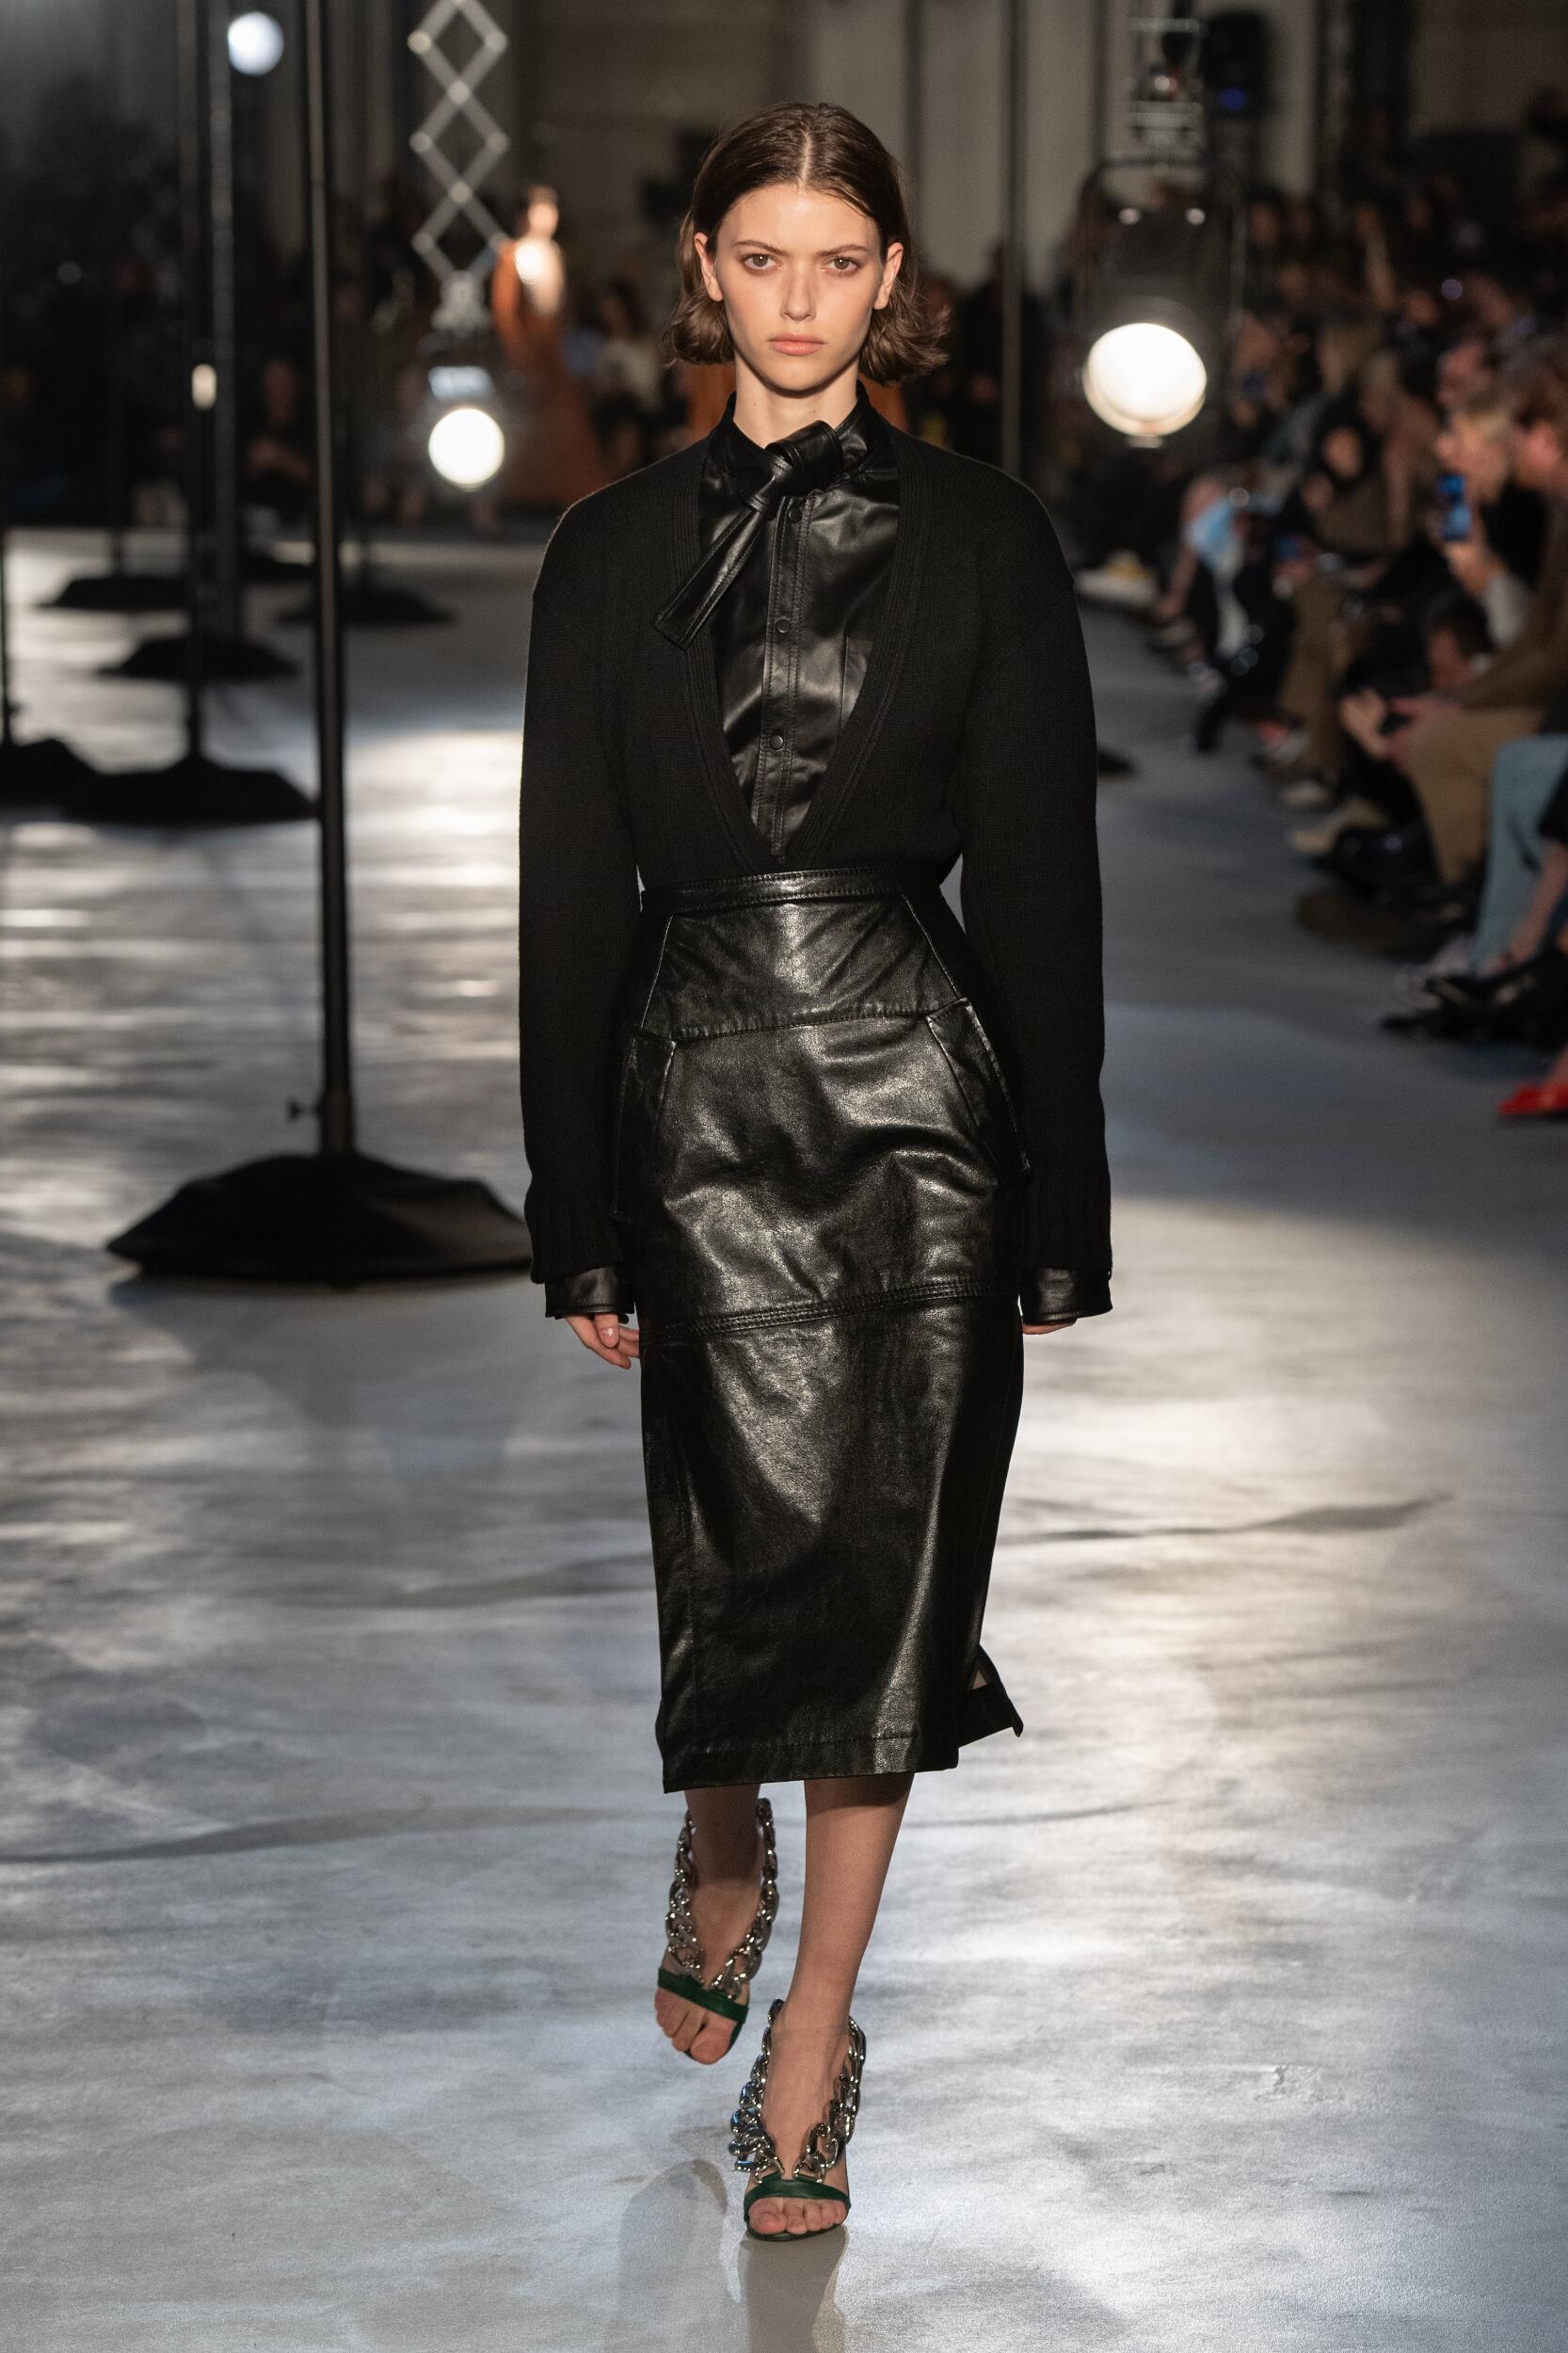 N°21 FW 2020 Womenswear